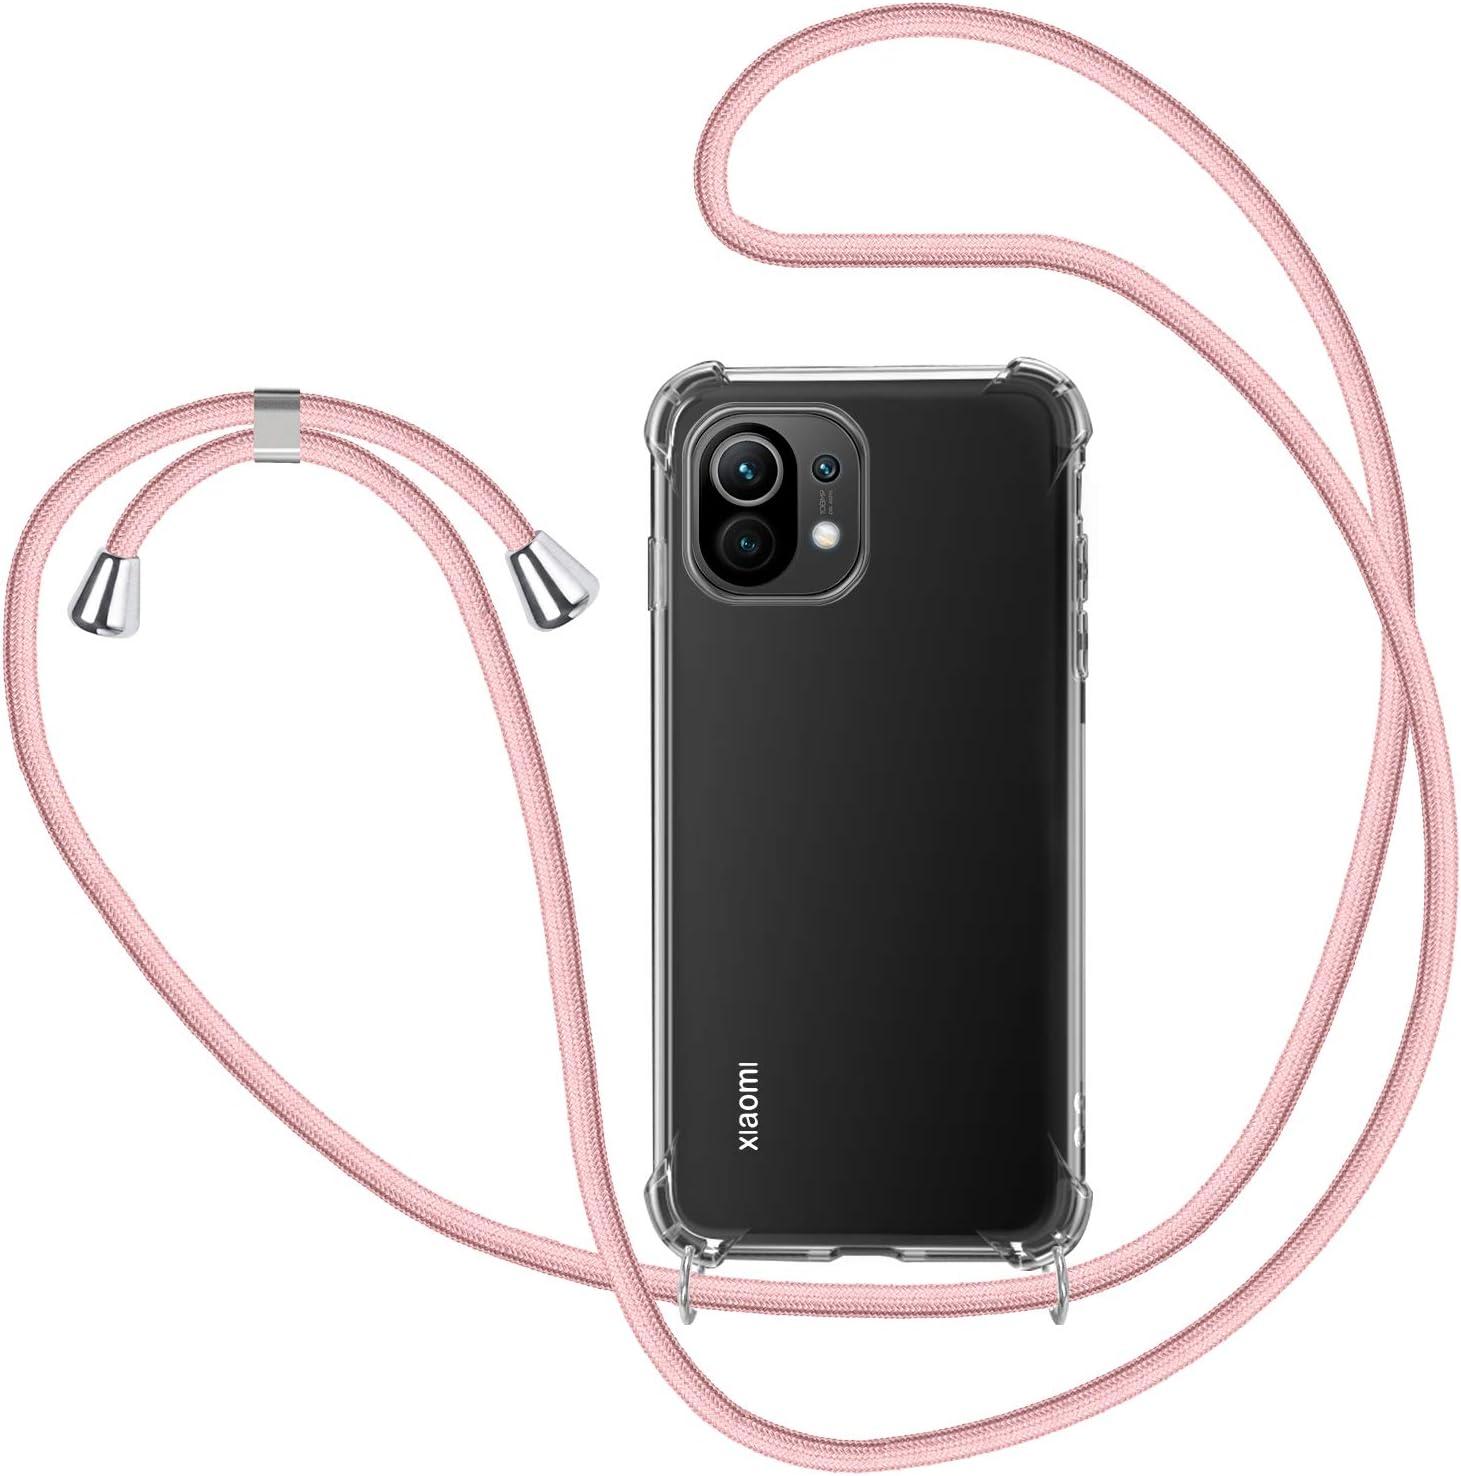 SAMCASE Funda con Cuerda para Xiaomi Mi 11, no para Xiaomi Mi 11 Lite, Carcasa Transparente TPU Suave Silicona Case con Correa Colgante Ajustable Collar Correa de Cuello Cadena Cordón - Oro Rosa